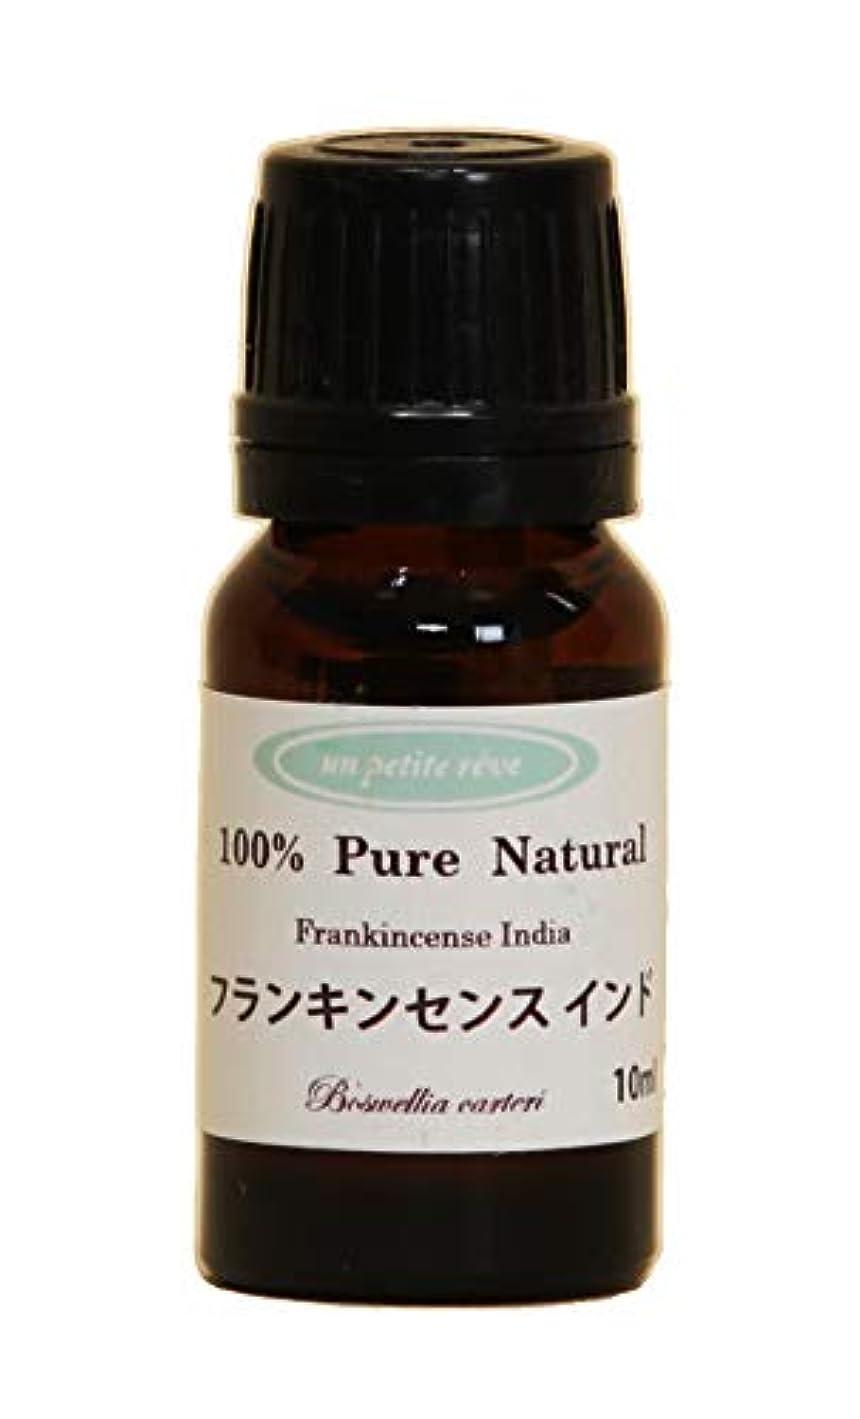 構想するあまりにも合法フランキンセンスインド10ml 100%天然アロマエッセンシャルオイル(精油)